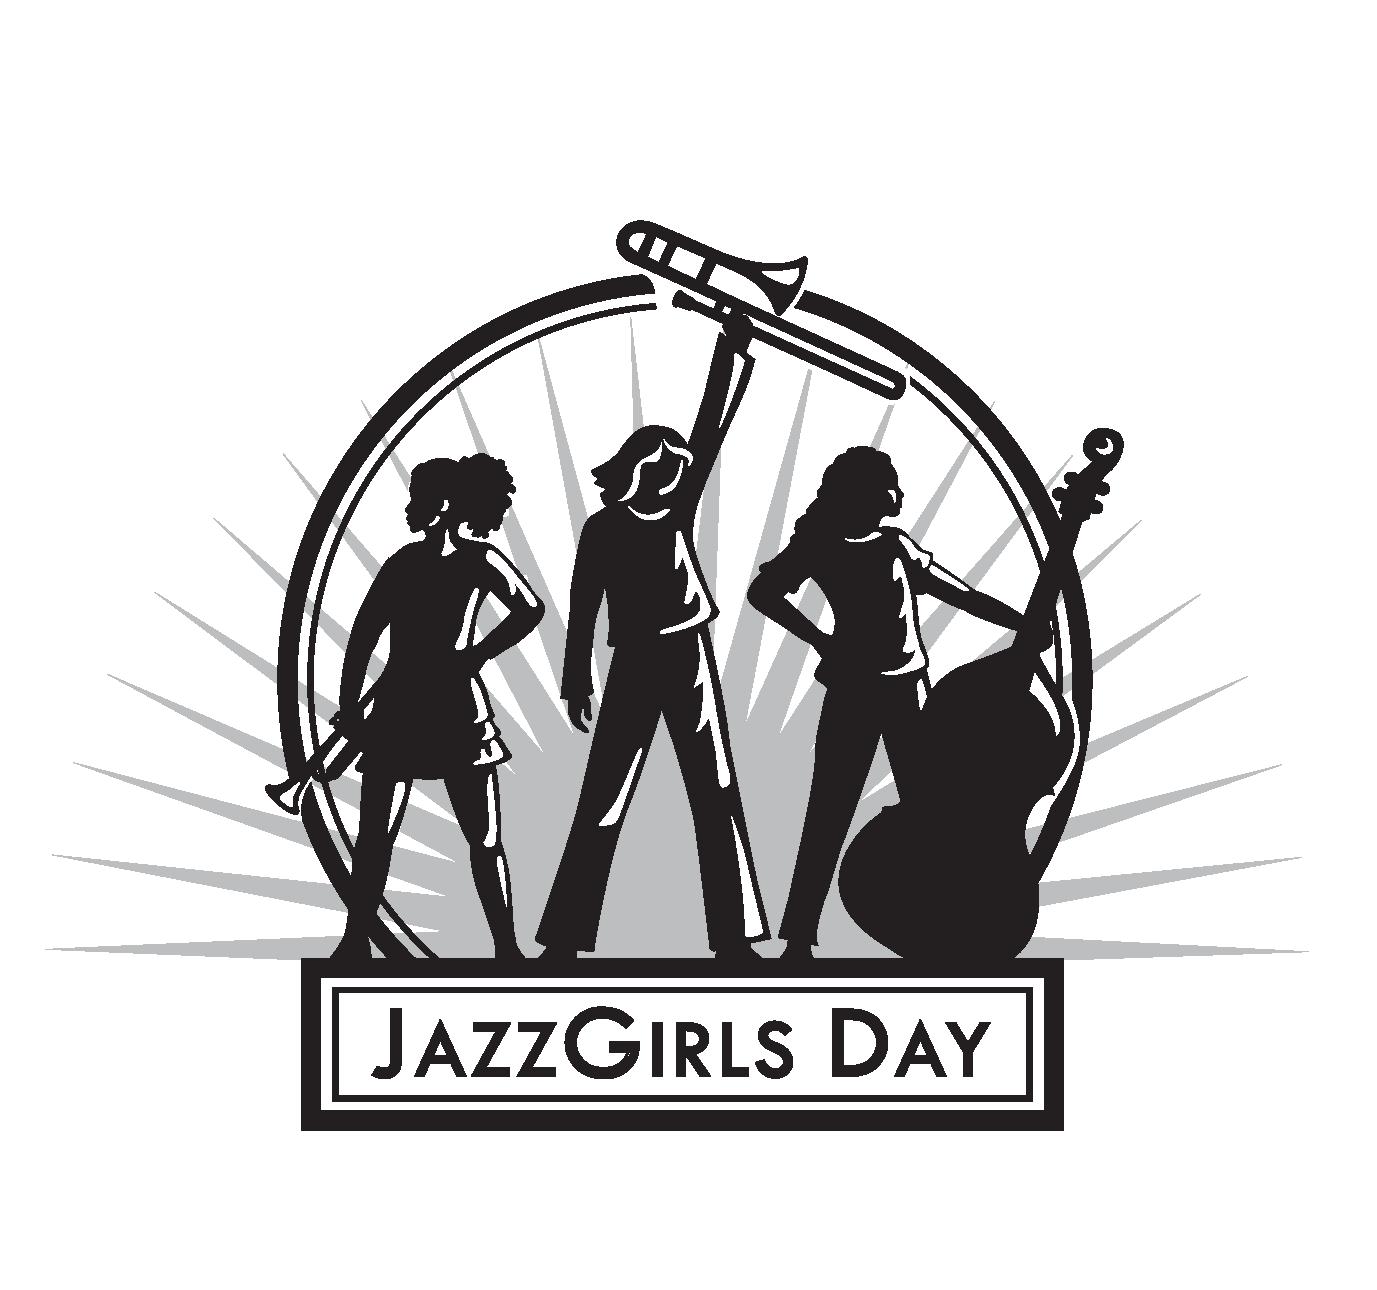 SFJAZZ Girls Day